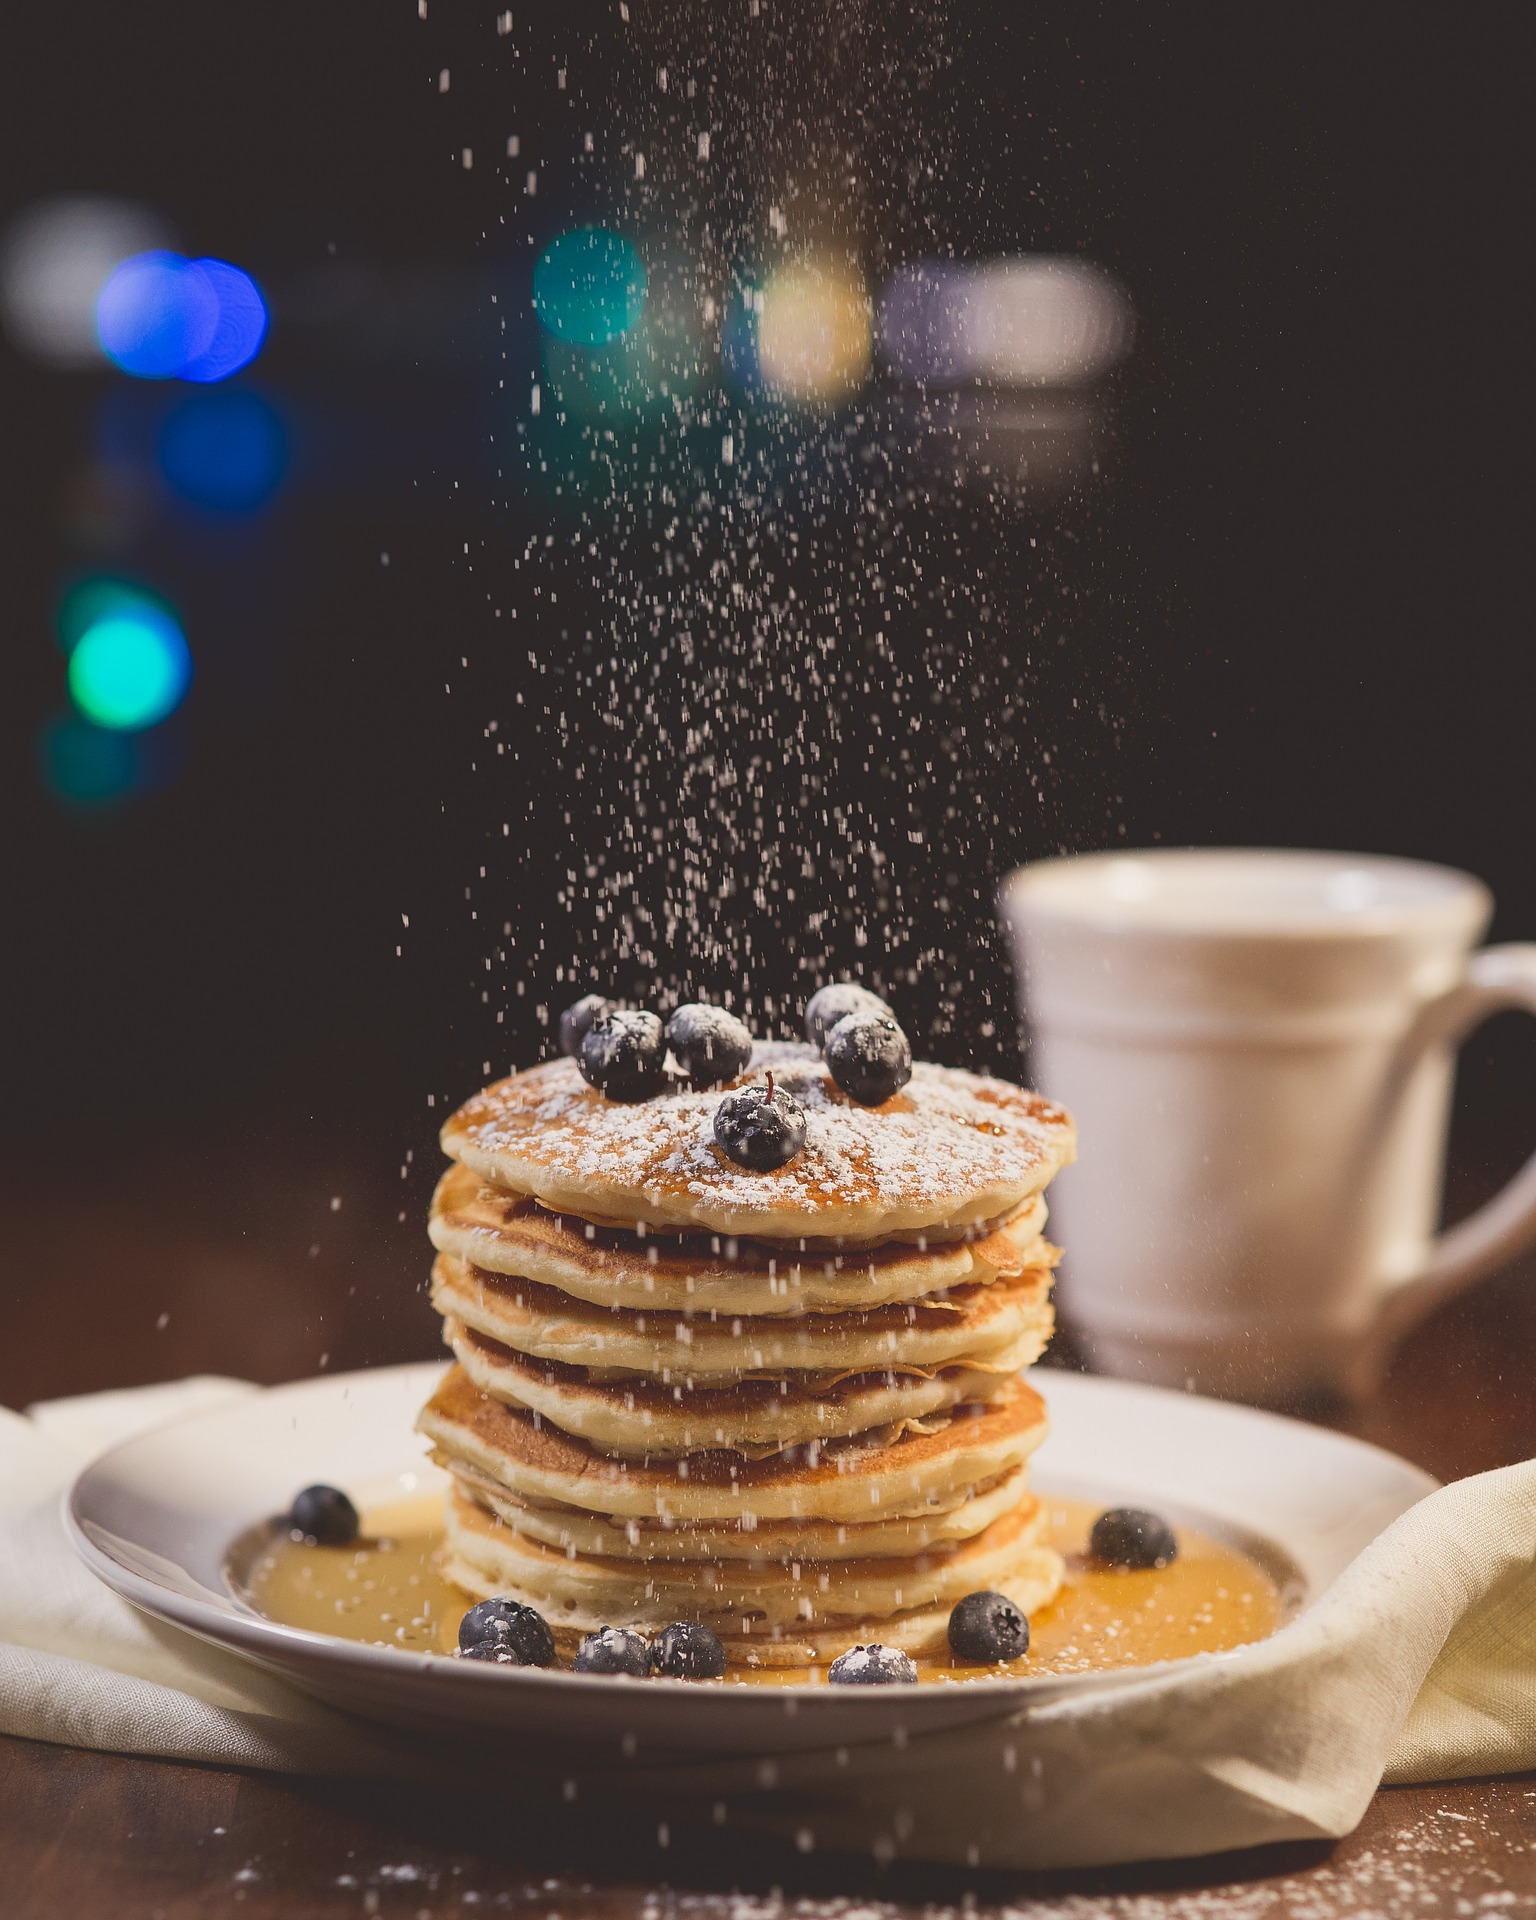 Comment faire ses propres pancakes